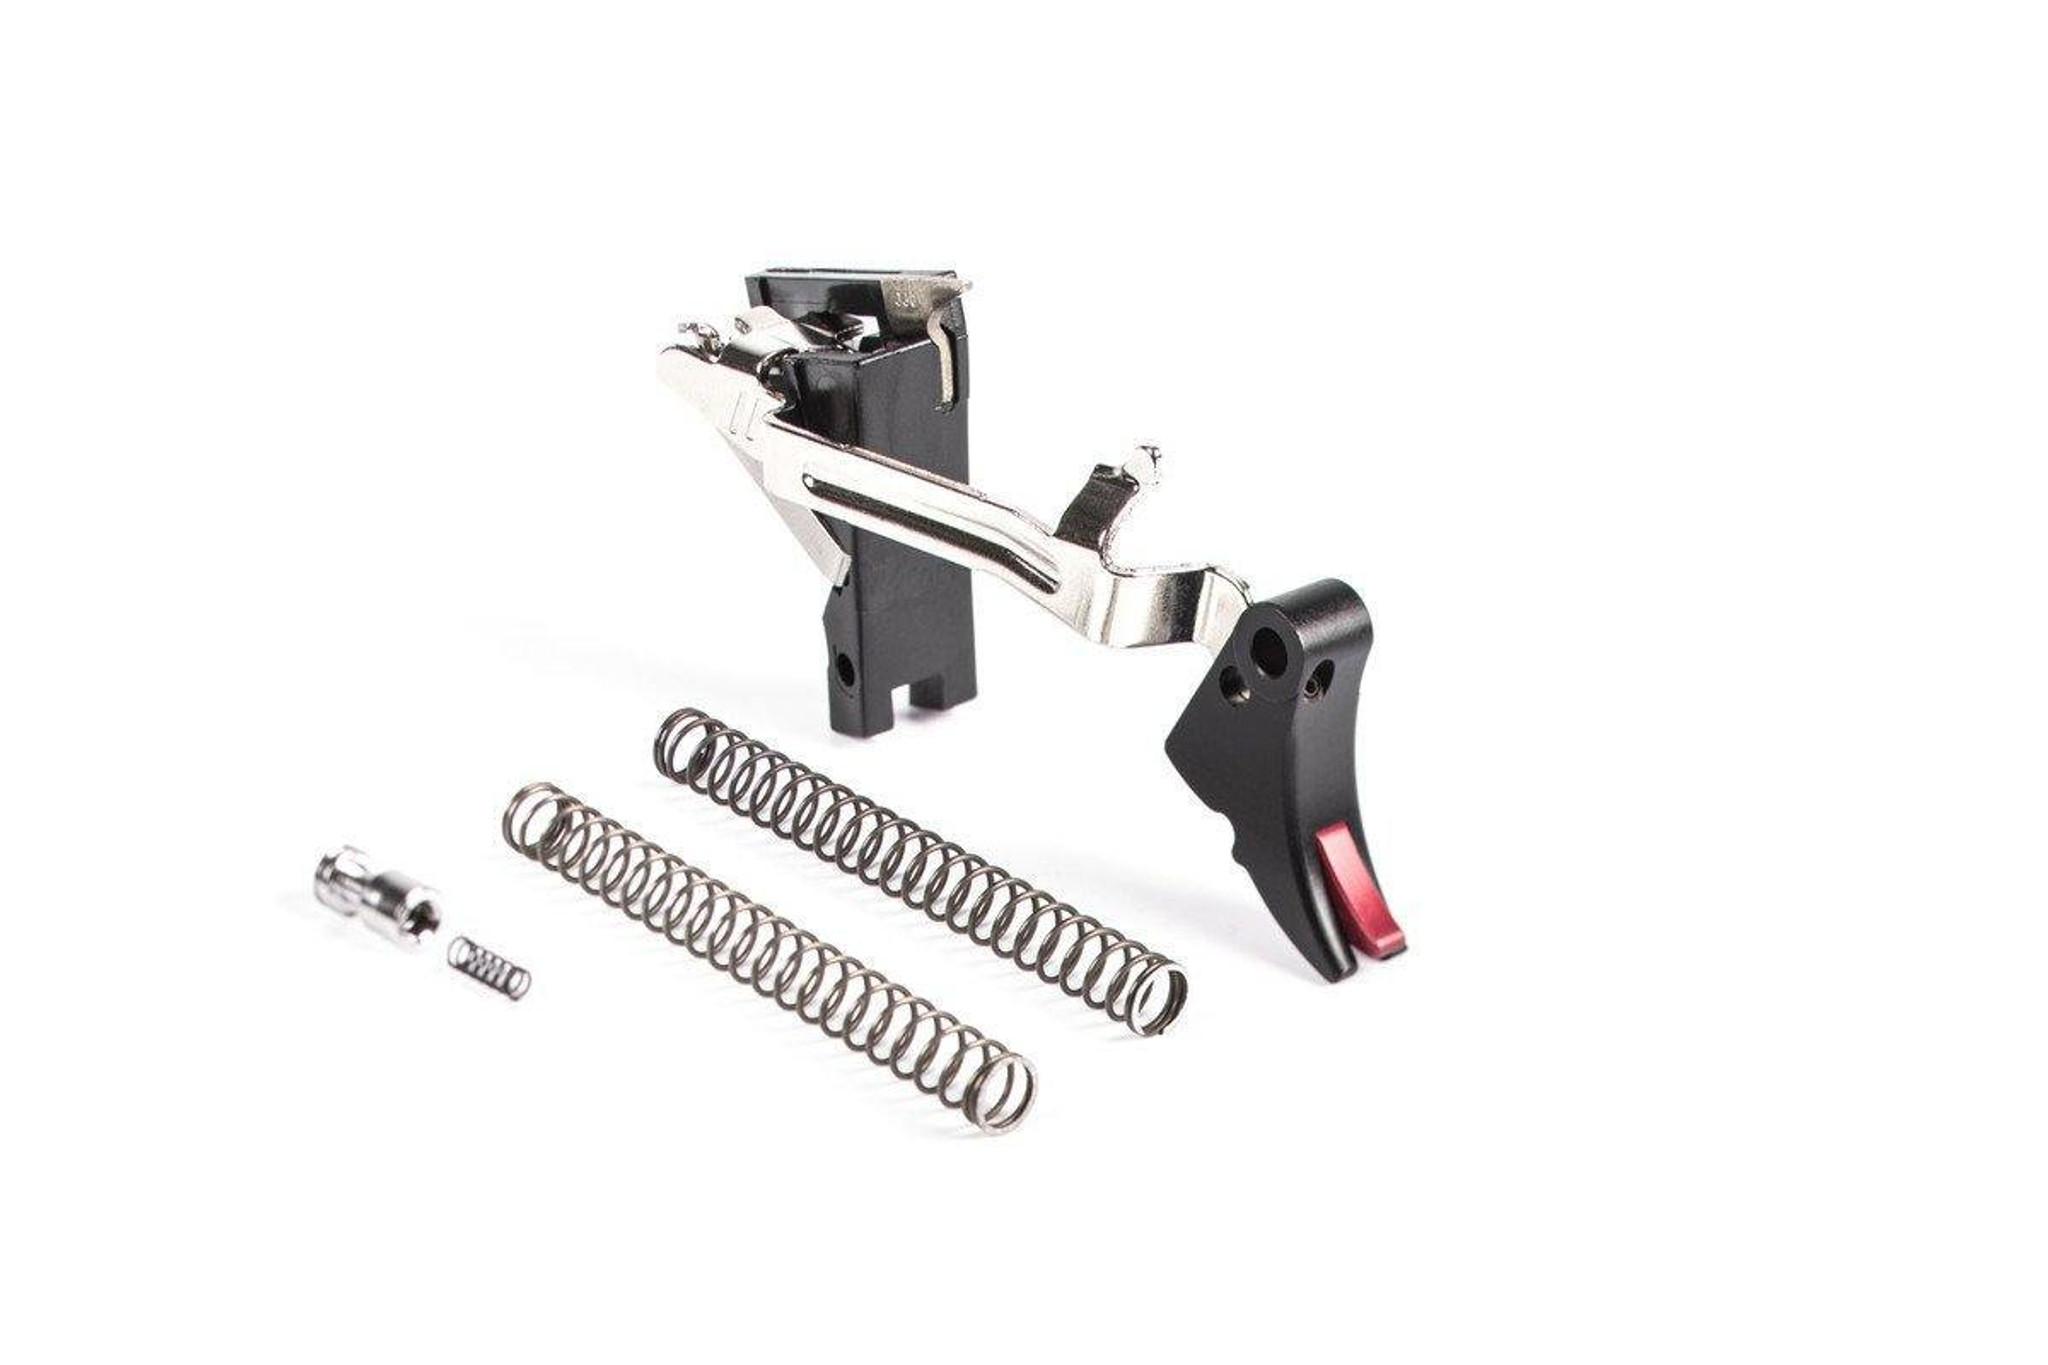 ZEV Fulcrum Adjustable Glock Trigger Upgrade - 9mm